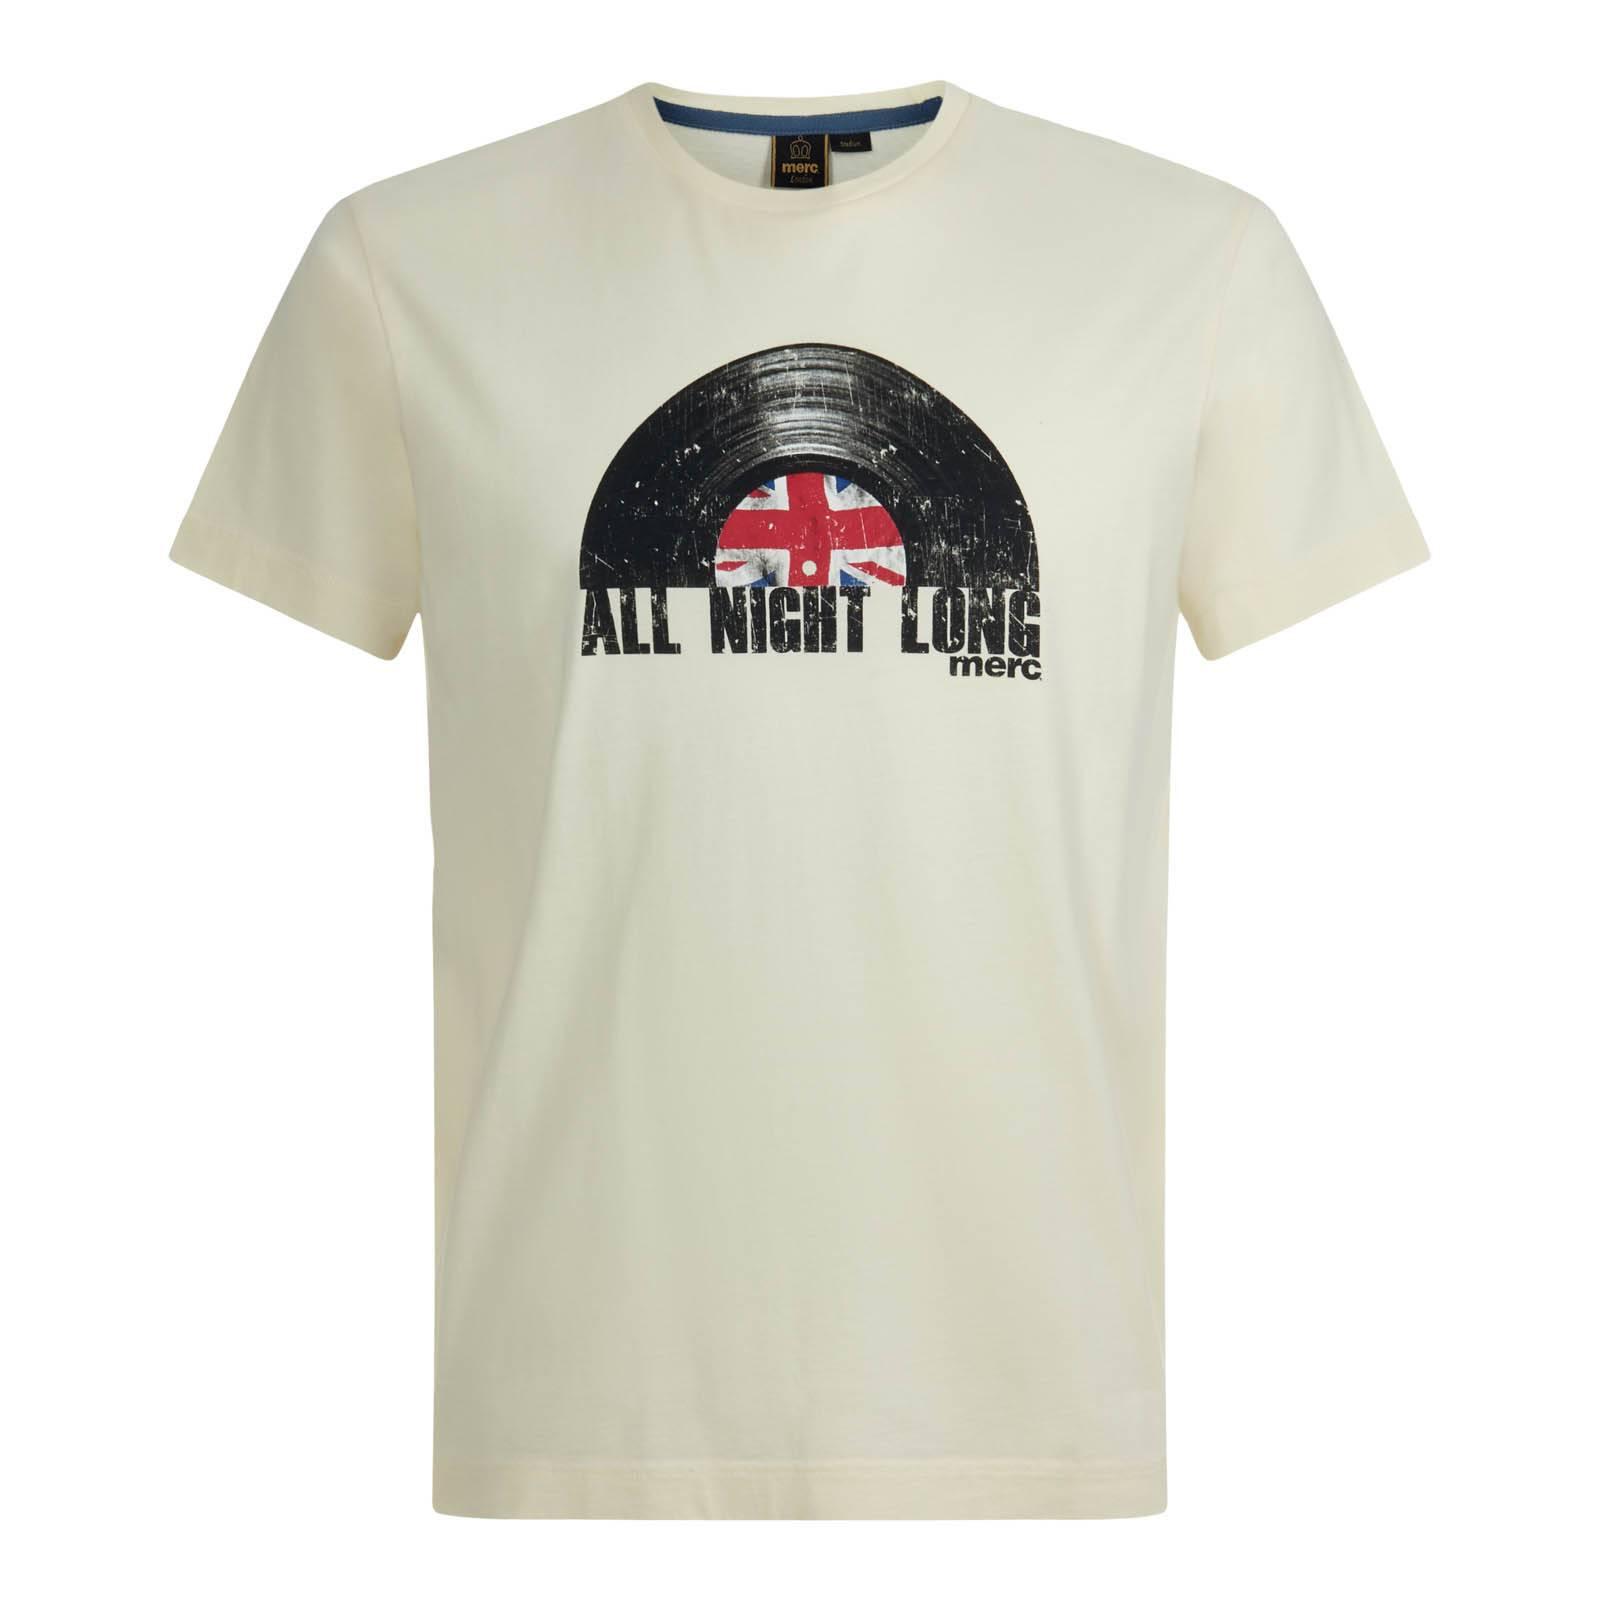 Футболка MickletonФутболки<br>Из легко и мягкого высококачественного хлопка, эта мужская футболка с круглым воротом имеет свободный покрой и декорирована винтажным принтом, символизирующим связь бренда с британской музыкальной культурой от психоделического рока Свингующих Шестидесятых до Mod revival, брит-попа и северного соула наших дней.  Как всегда эффектный Union Jack будет красиво сочетаться с олимпийками и выглядывать из расстегнутого Харрингтона.<br><br>Артикул: 1716206<br>Материал: 100% хлопок<br>Цвет: винтажный белый<br>Пол: Мужской